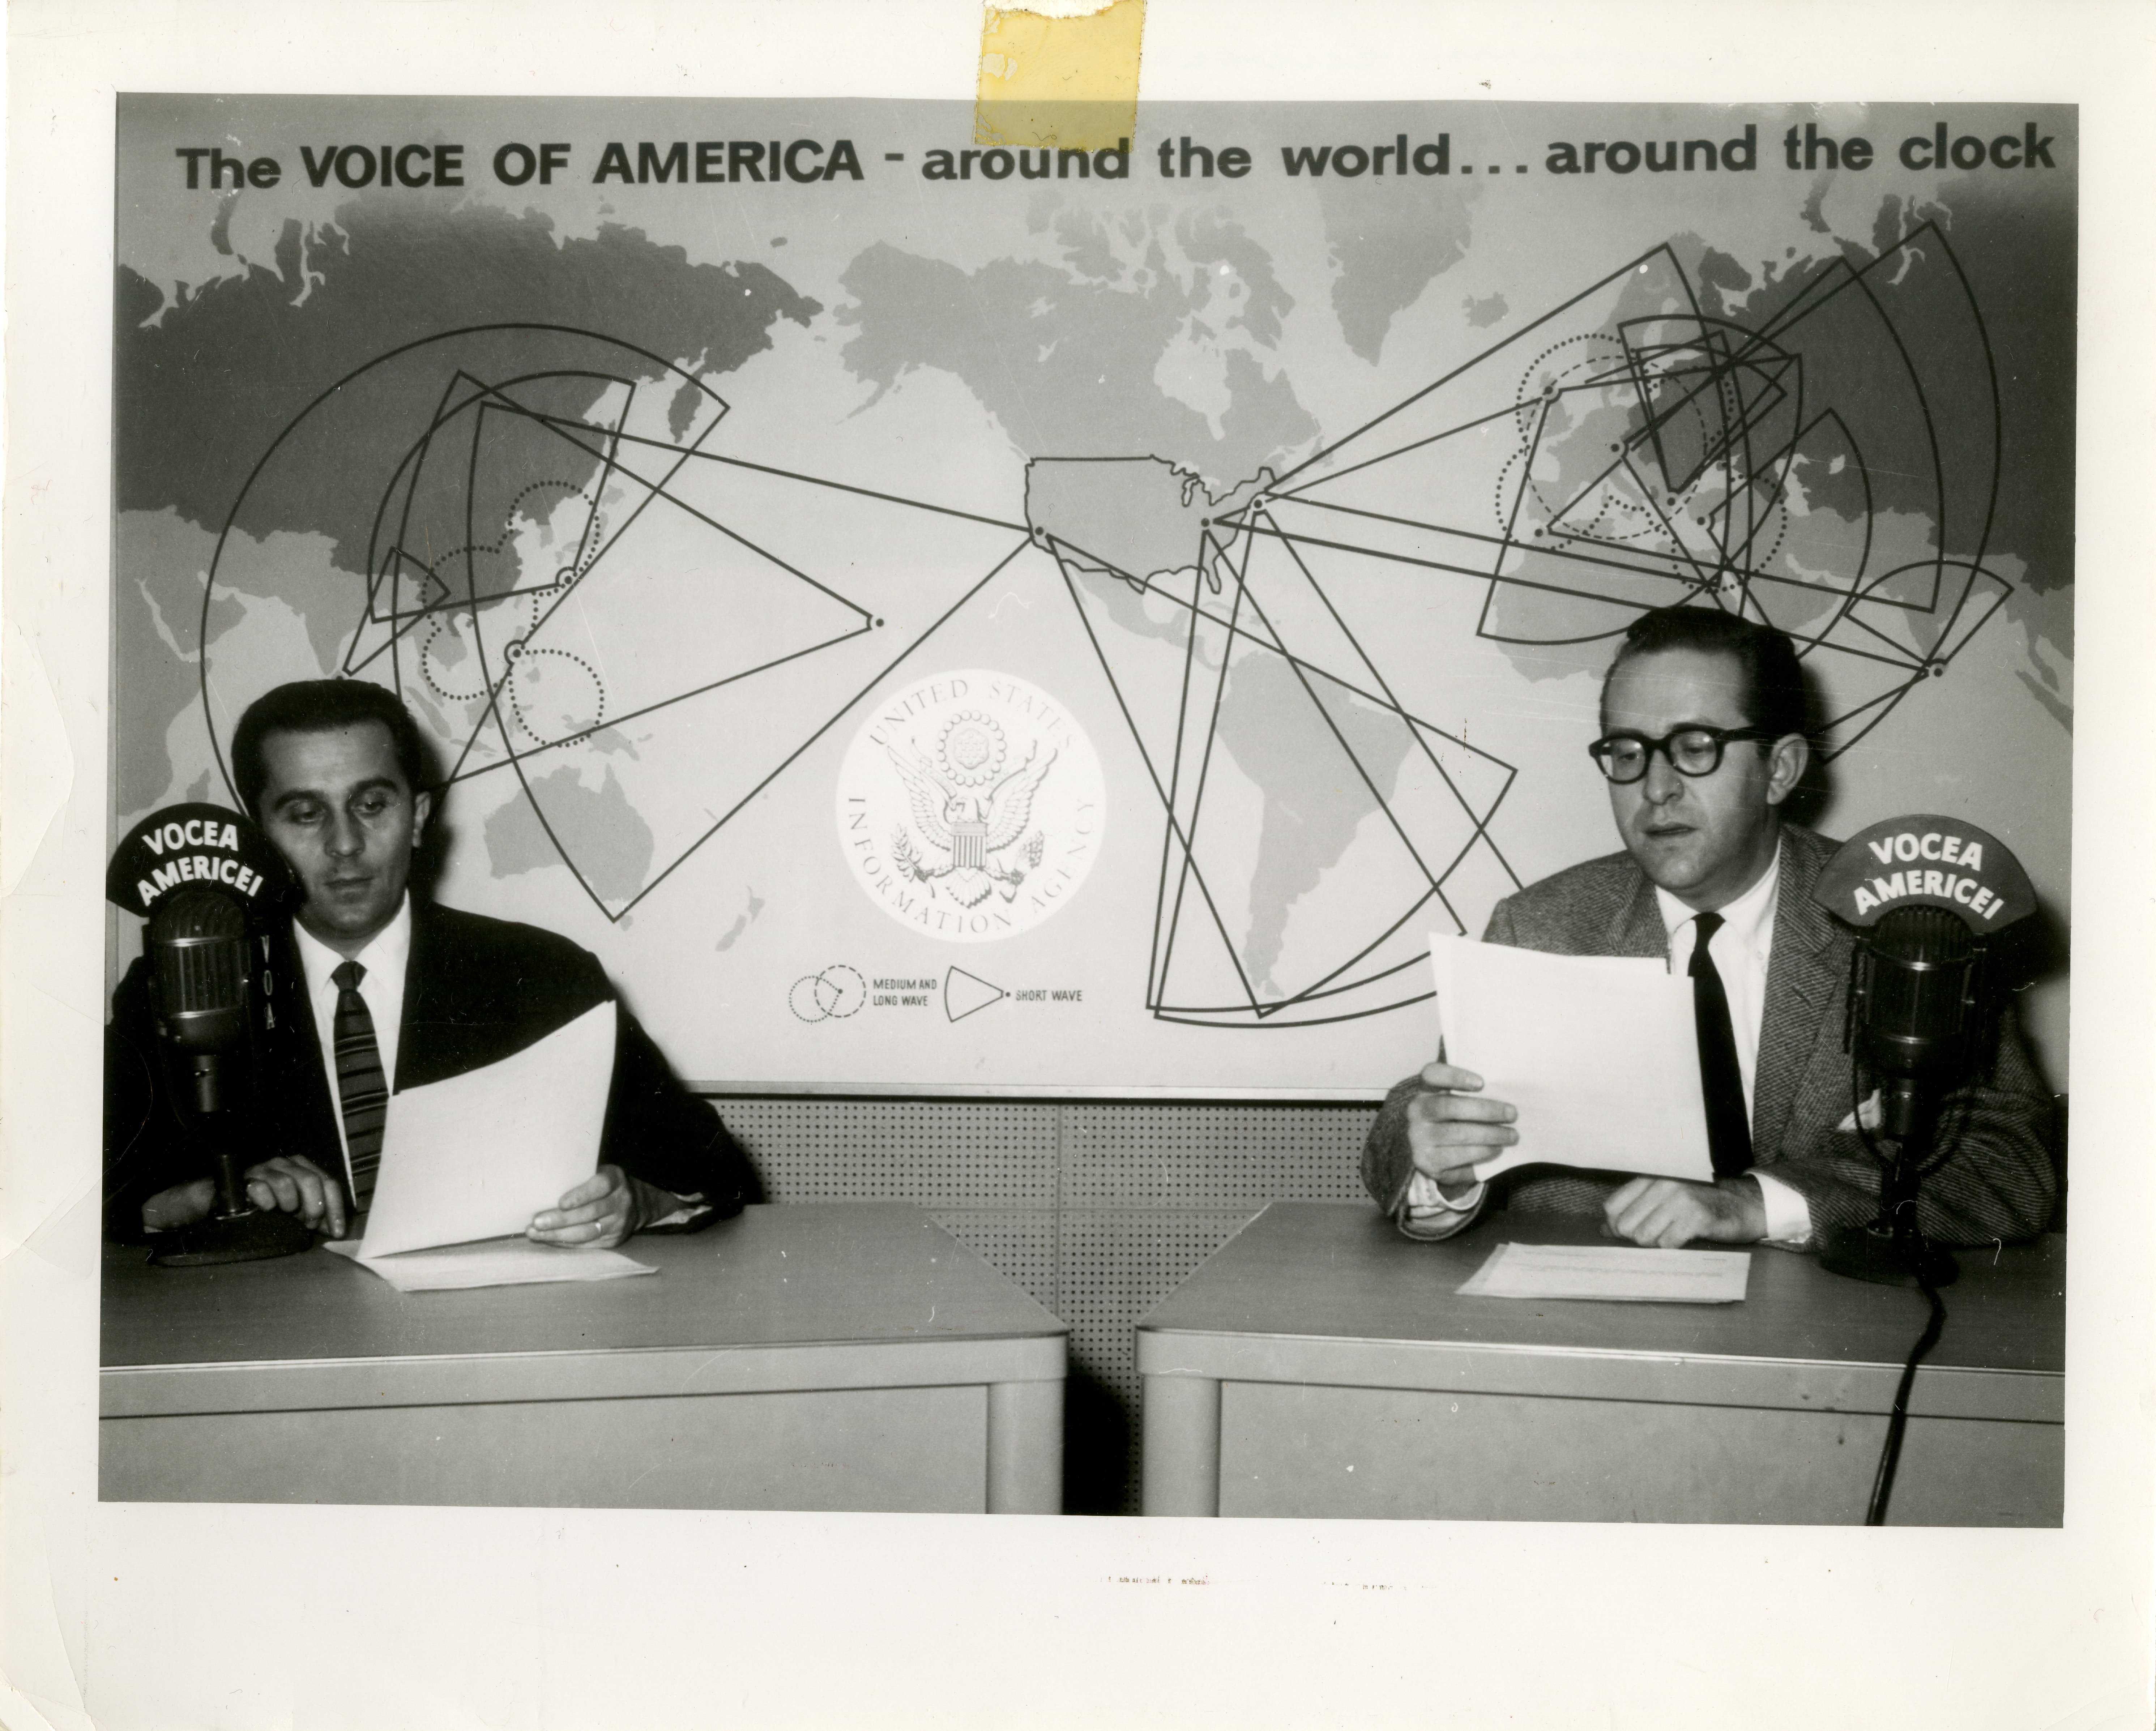 Secţia română a postului de radio Vocea Americii comentează Revoluţia din Ungaria, octombrie 1956;Mircea Carp (în partea stângă) şi Michael A. Hanu (în partea dreaptă)